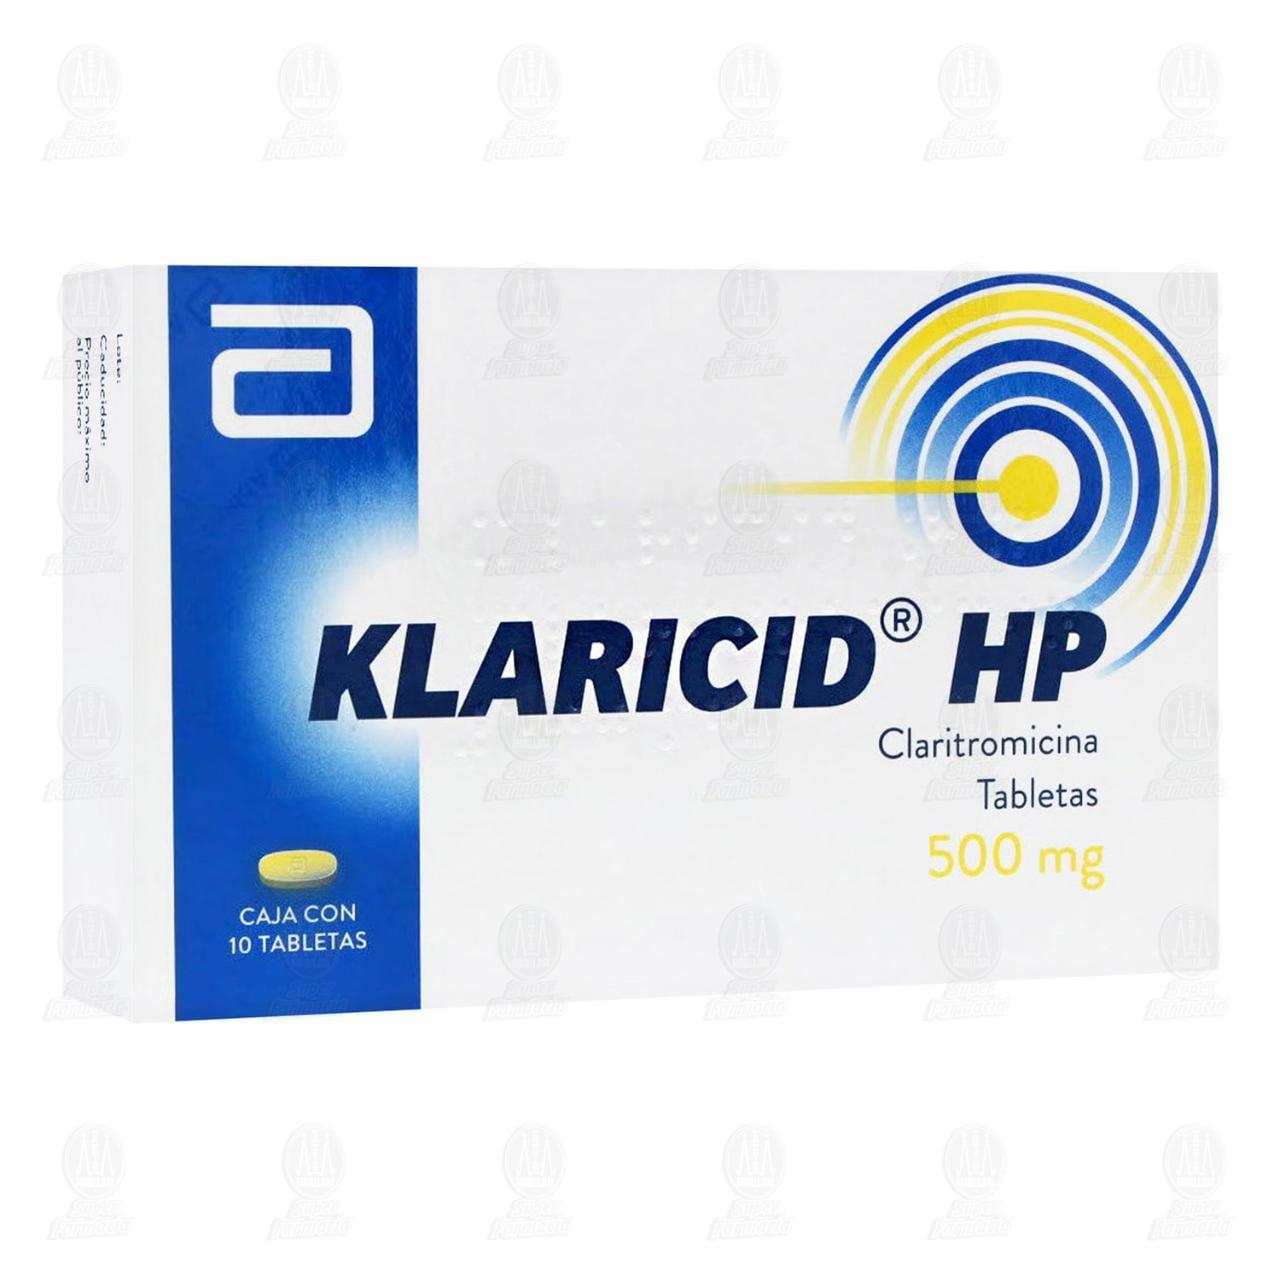 Comprar Klaricid HP 500mg 10 Tabletas en Farmacias Guadalajara